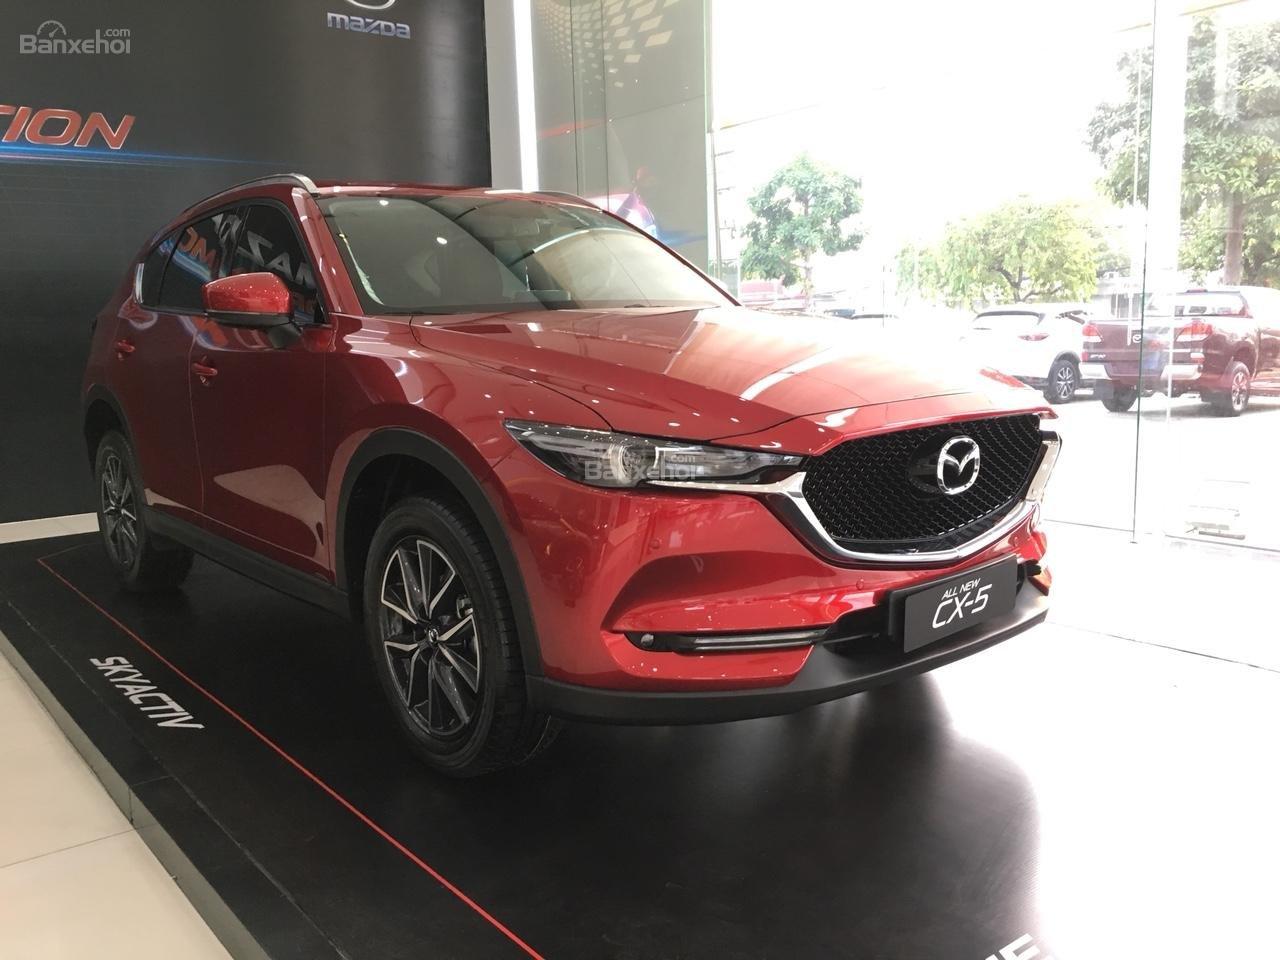 Bán xe Mazda New CX5 2019 đầy đủ màu có xe giao ngay giảm trực tiếp 32Tr khi liên hệ  0938.907.952-2